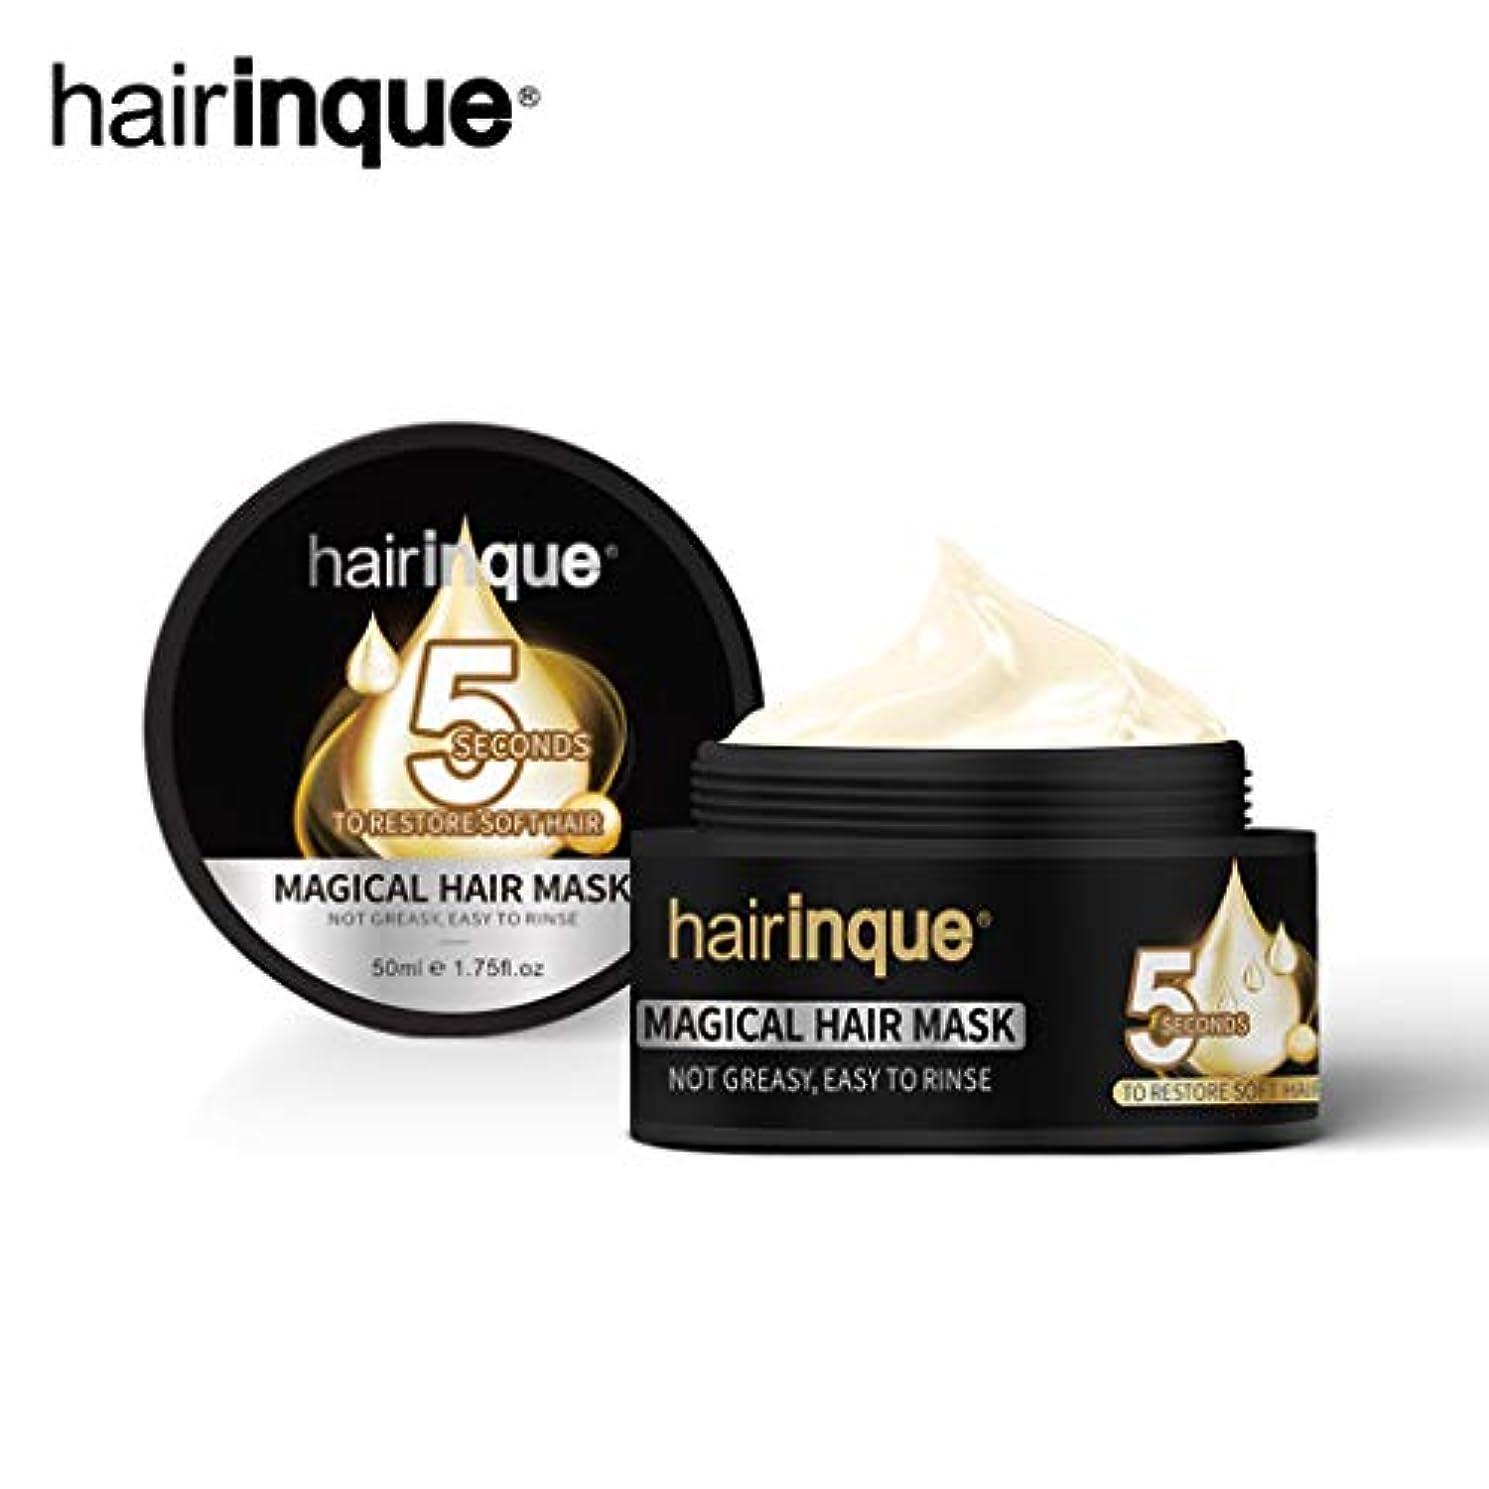 ウォルターカニンガムポゴスティックジャンプクリーク魔法のケラチンヘアケアマスク5秒修復ダメージ髪髪熱 (2PC 50ML)